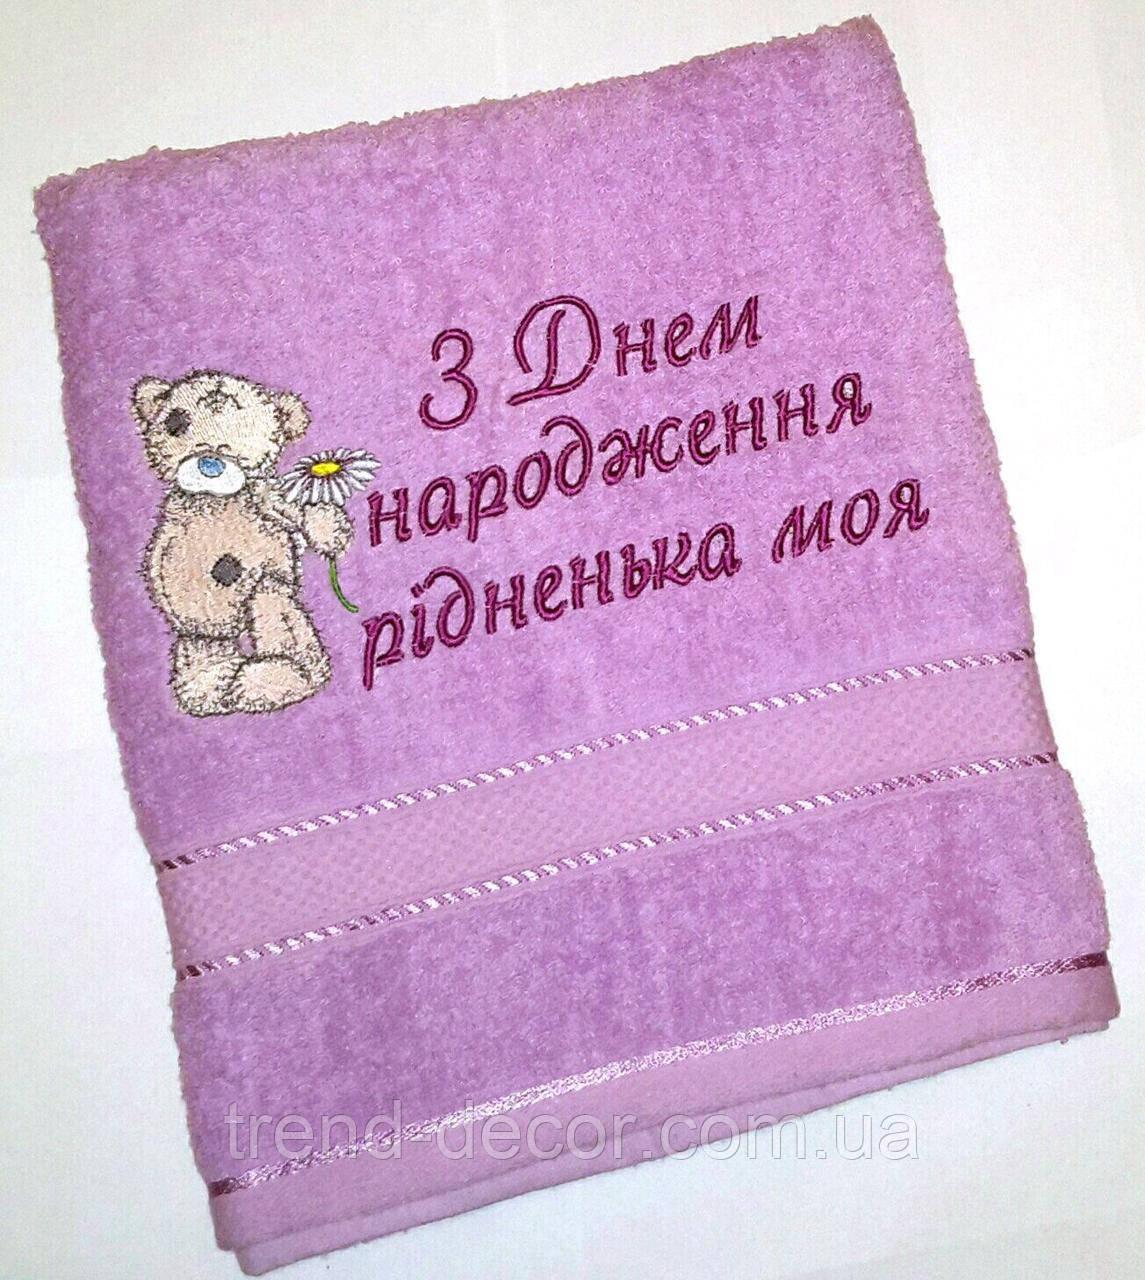 Лицевое полотенце, 100% хлопок, 100 * 50